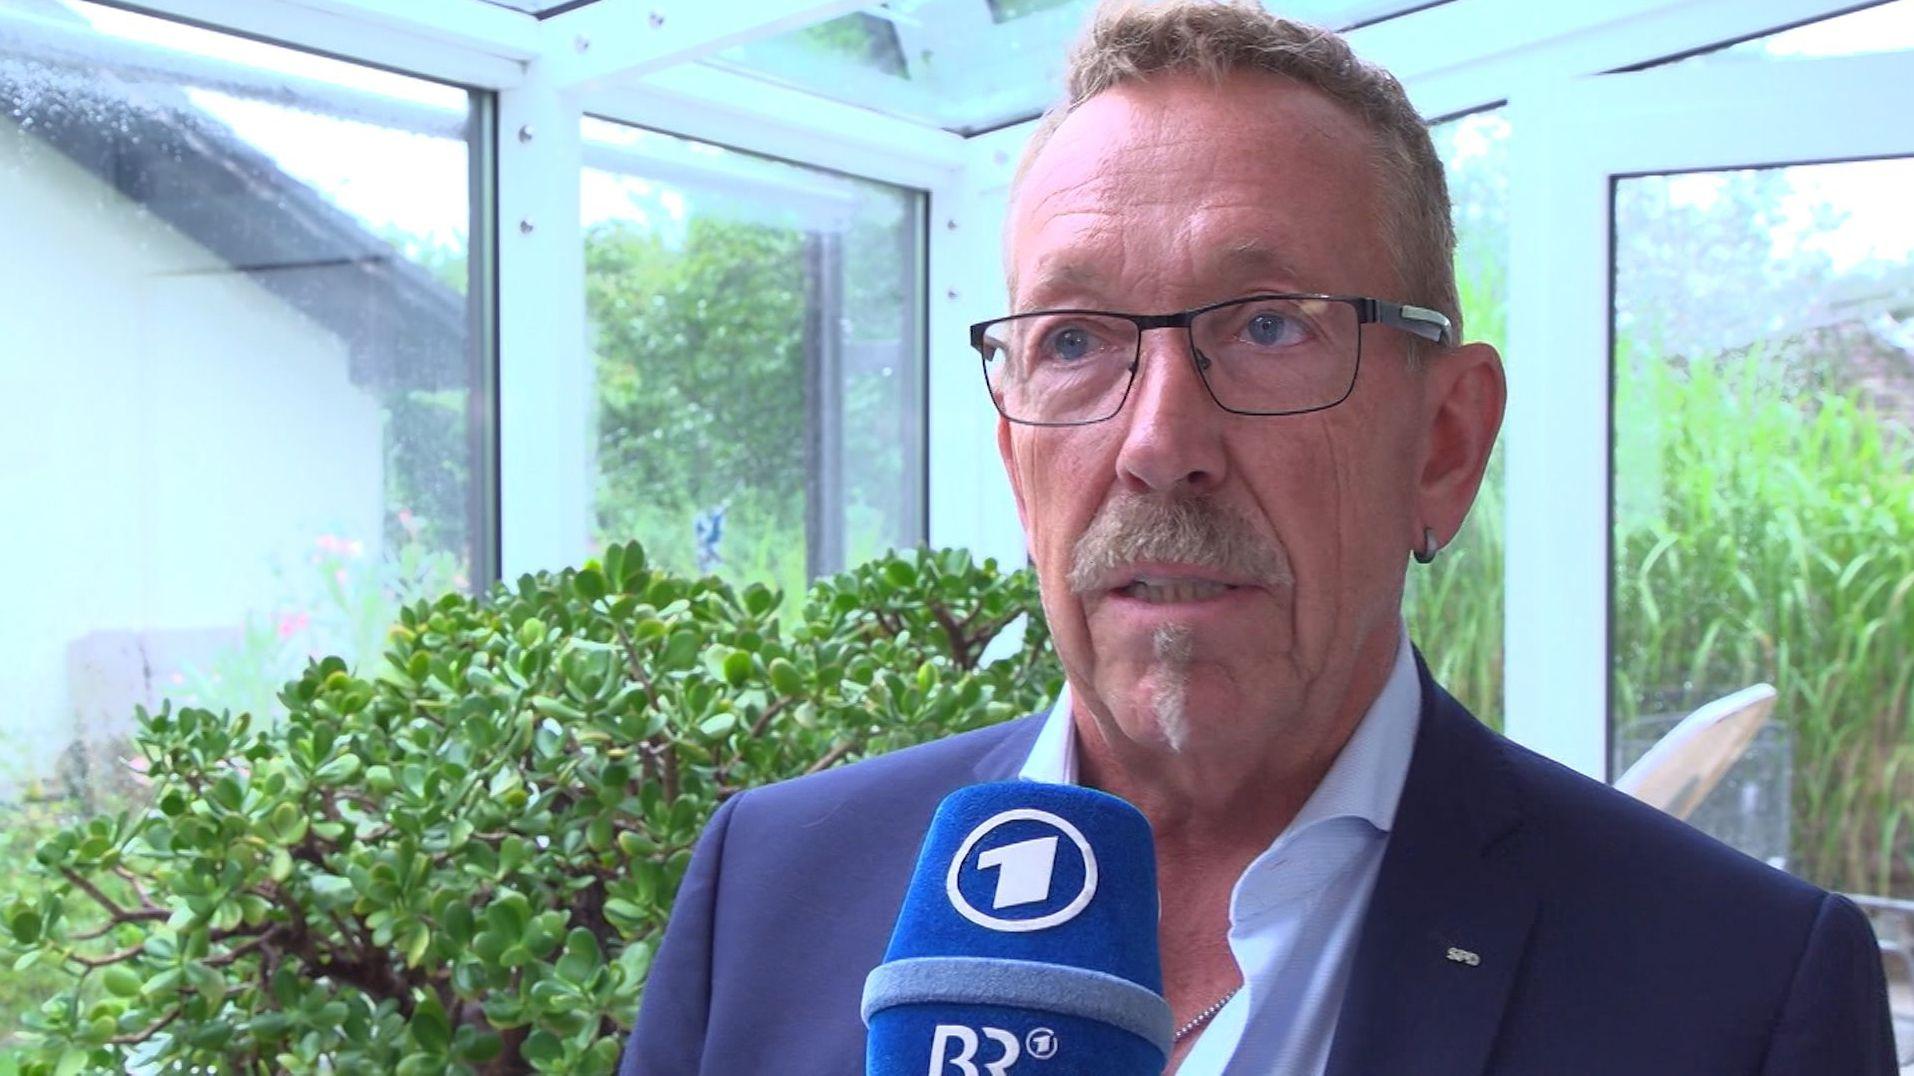 Noch bis zum 1. September können Genossen ihre Bewerbung um den SPD-Chefsessel anmelden. Im Windschatten der prominenten Bewerber kämpft ab sofort ein Bayer für seinen eigenen Dienst für die Partei: Karl-Heinz Brunner.